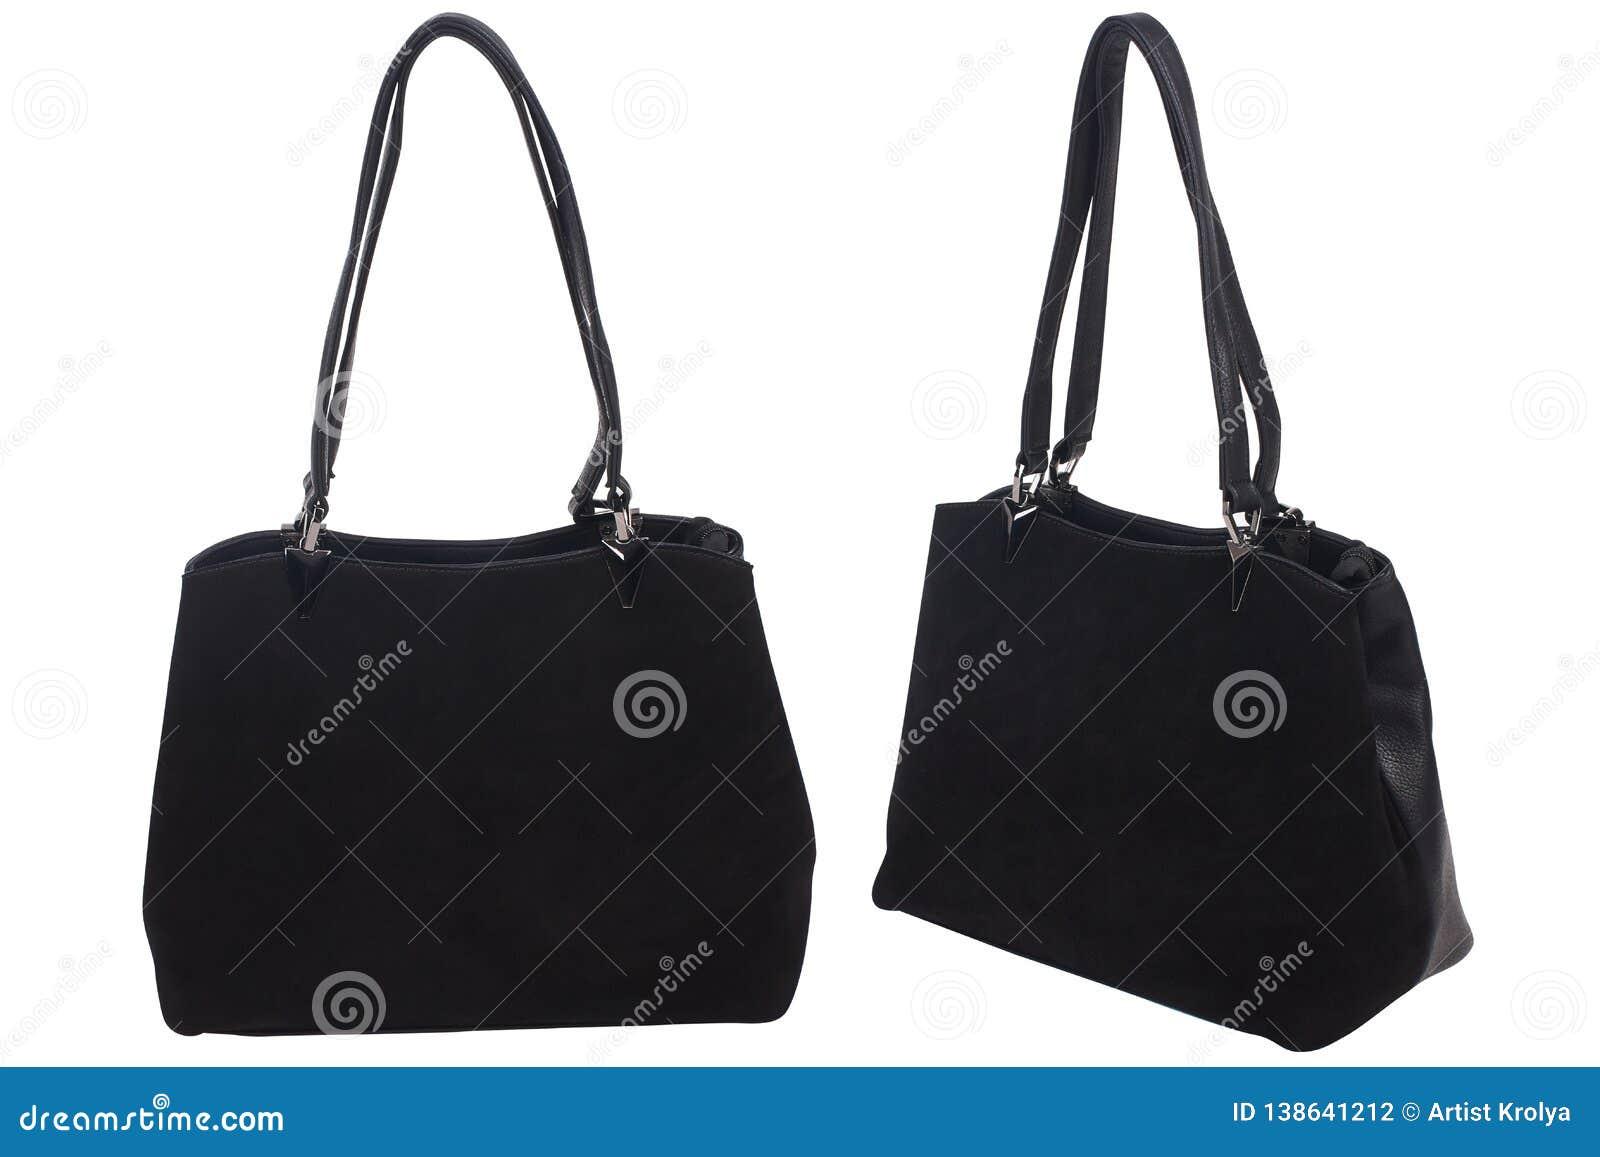 Black leather female handbag isolated on white background,